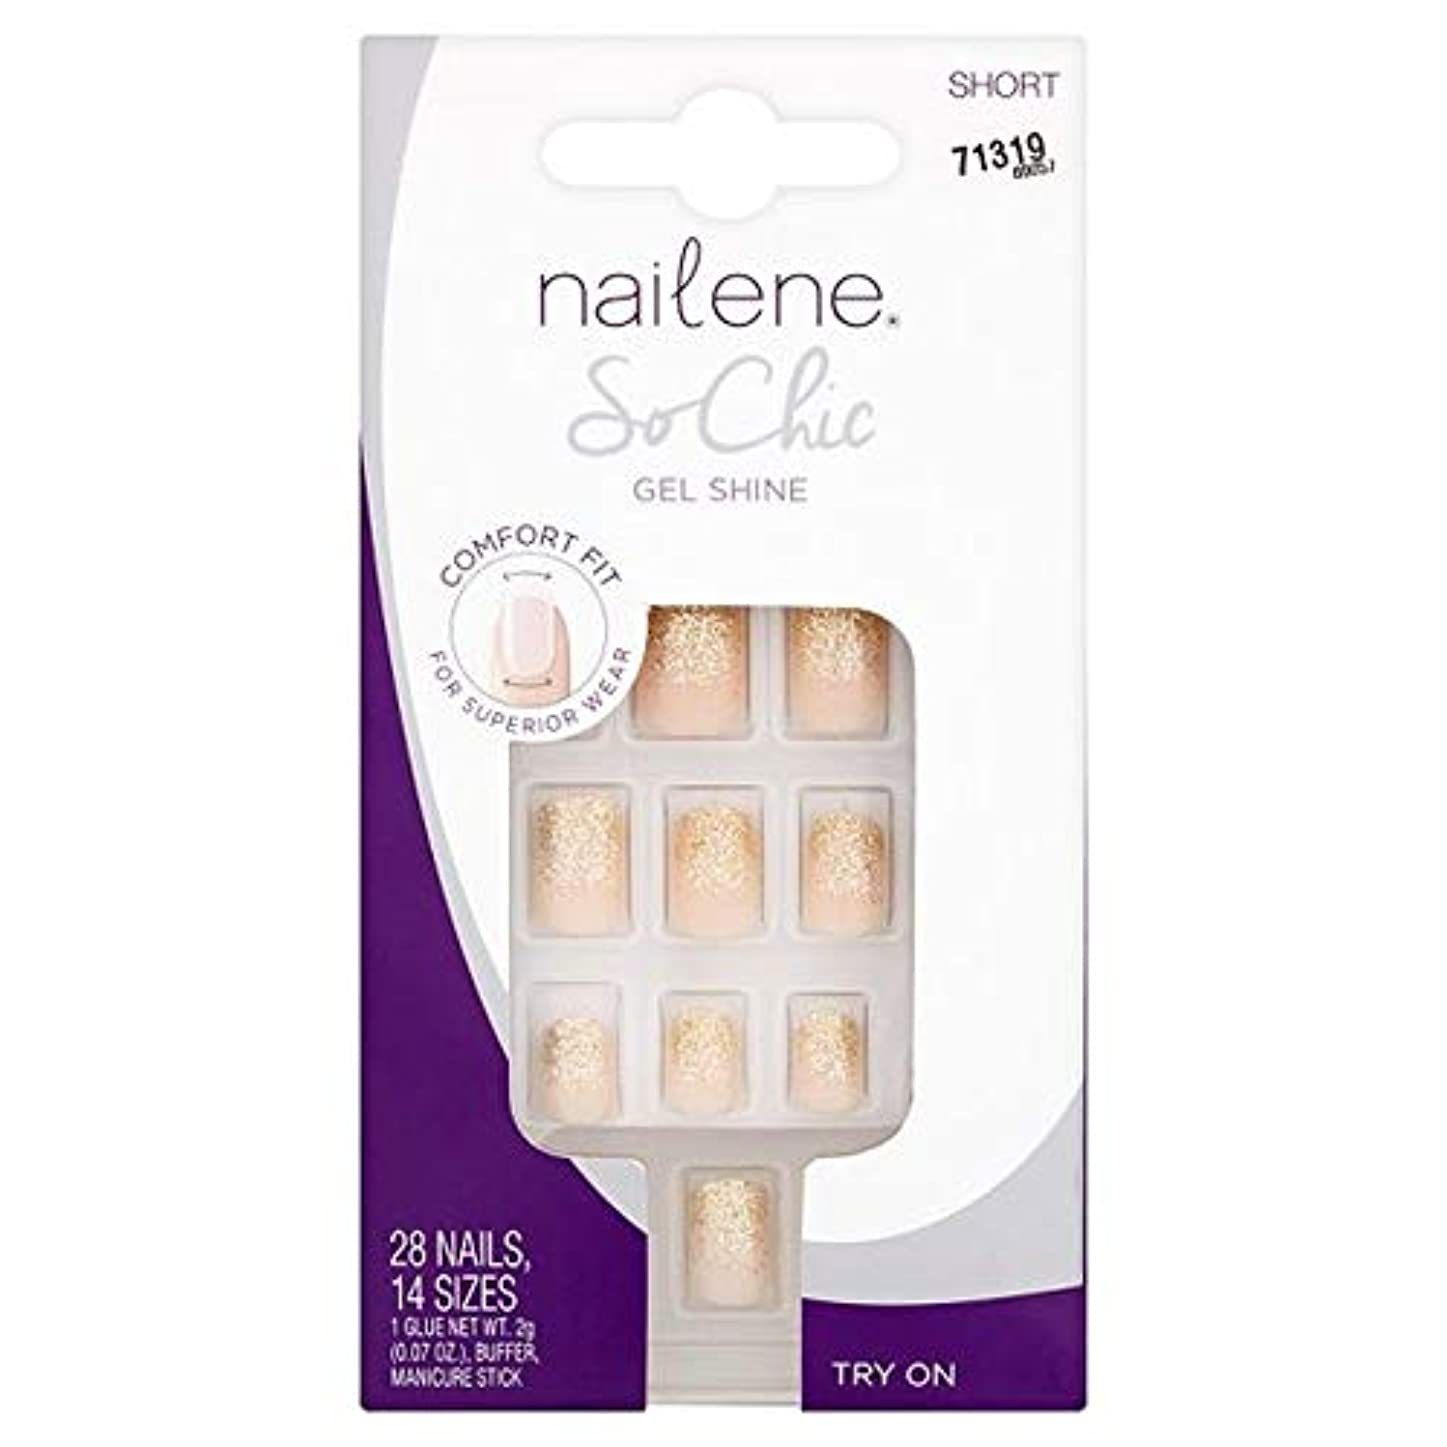 冗談で水っぽい明らかにする[Nailene] Nailene釘ので、シックなゲル輝き - Nailene Nails So Chic Gel Shine [並行輸入品]